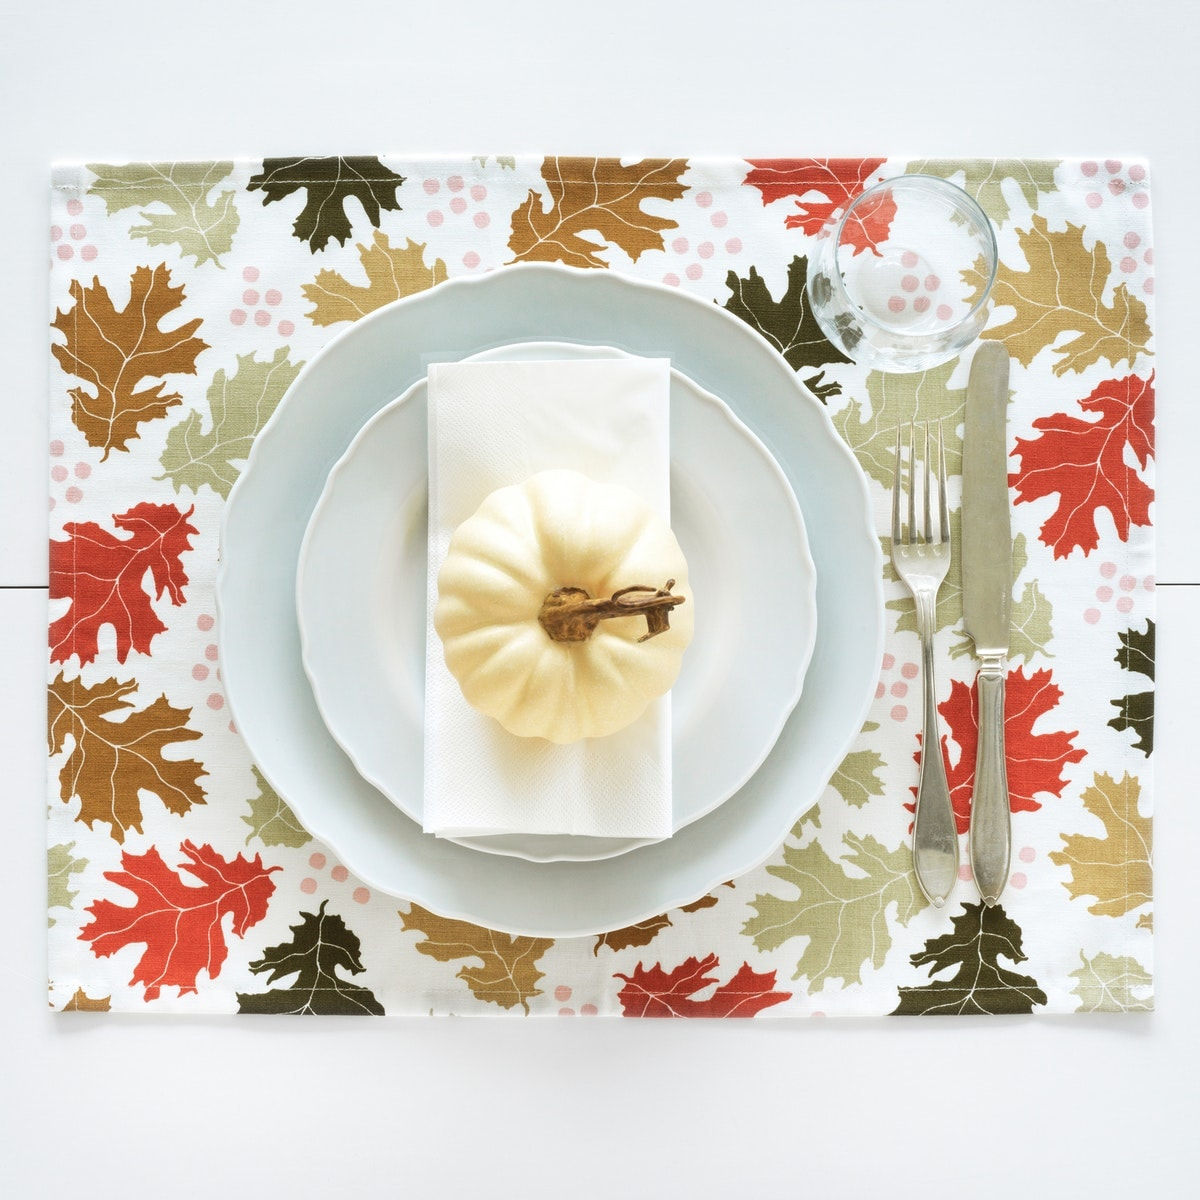 Herbstliche Tischdekoration mit Blätterplatzset und Zierkürbis